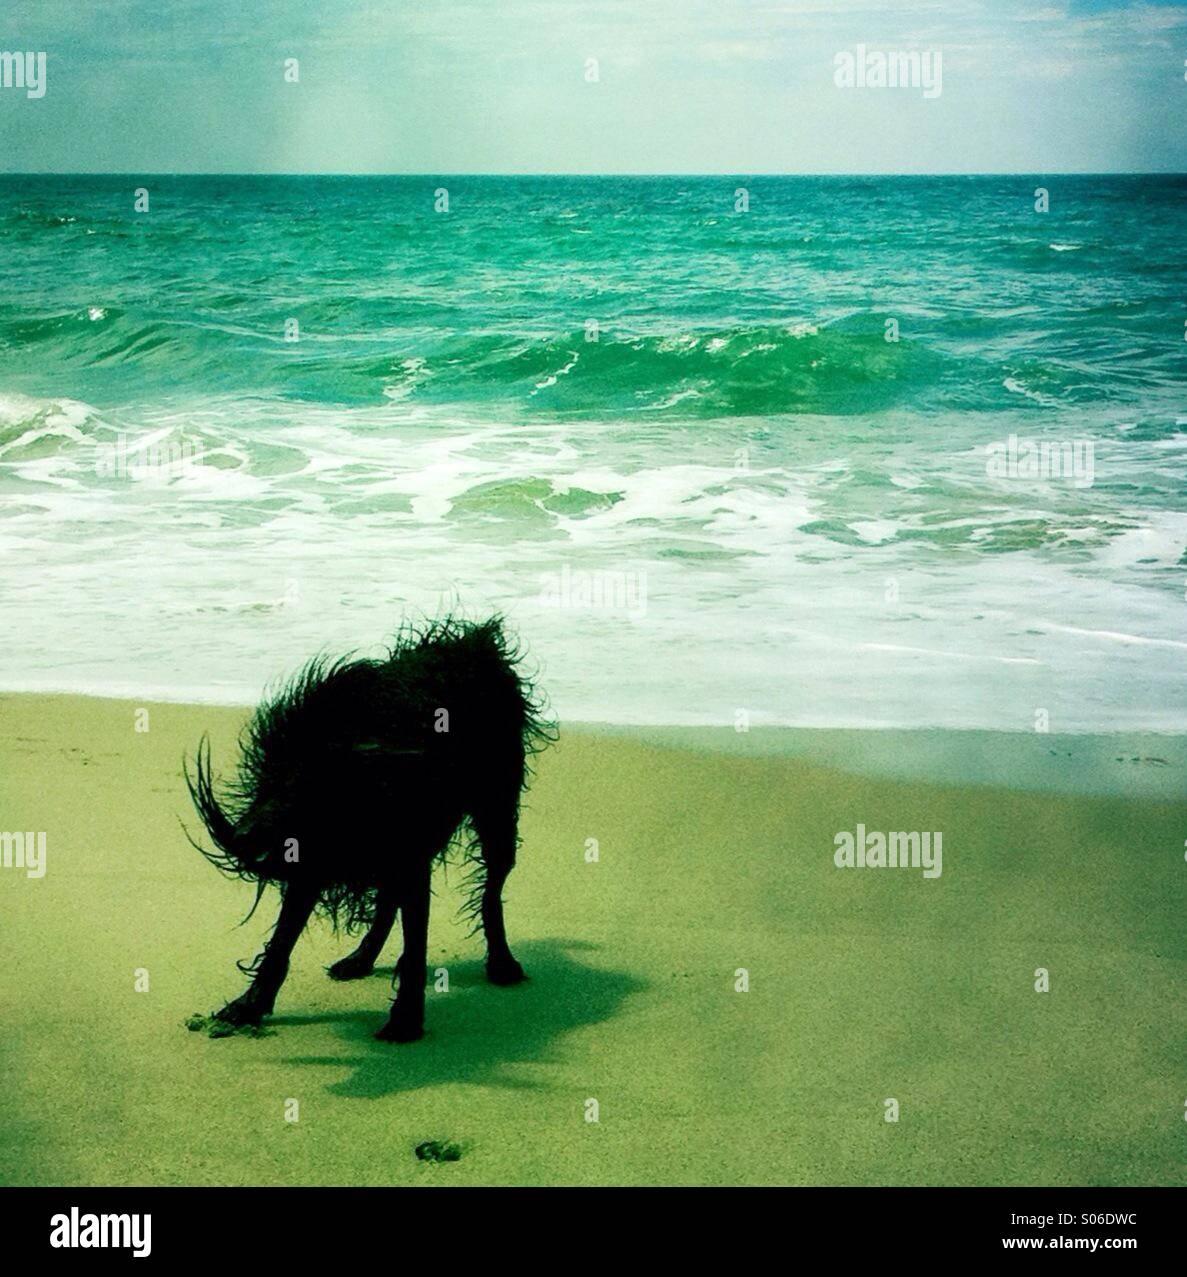 Un chien noir labradoodle shakin off l'eau à la plage. Ventura California USA. Banque D'Images